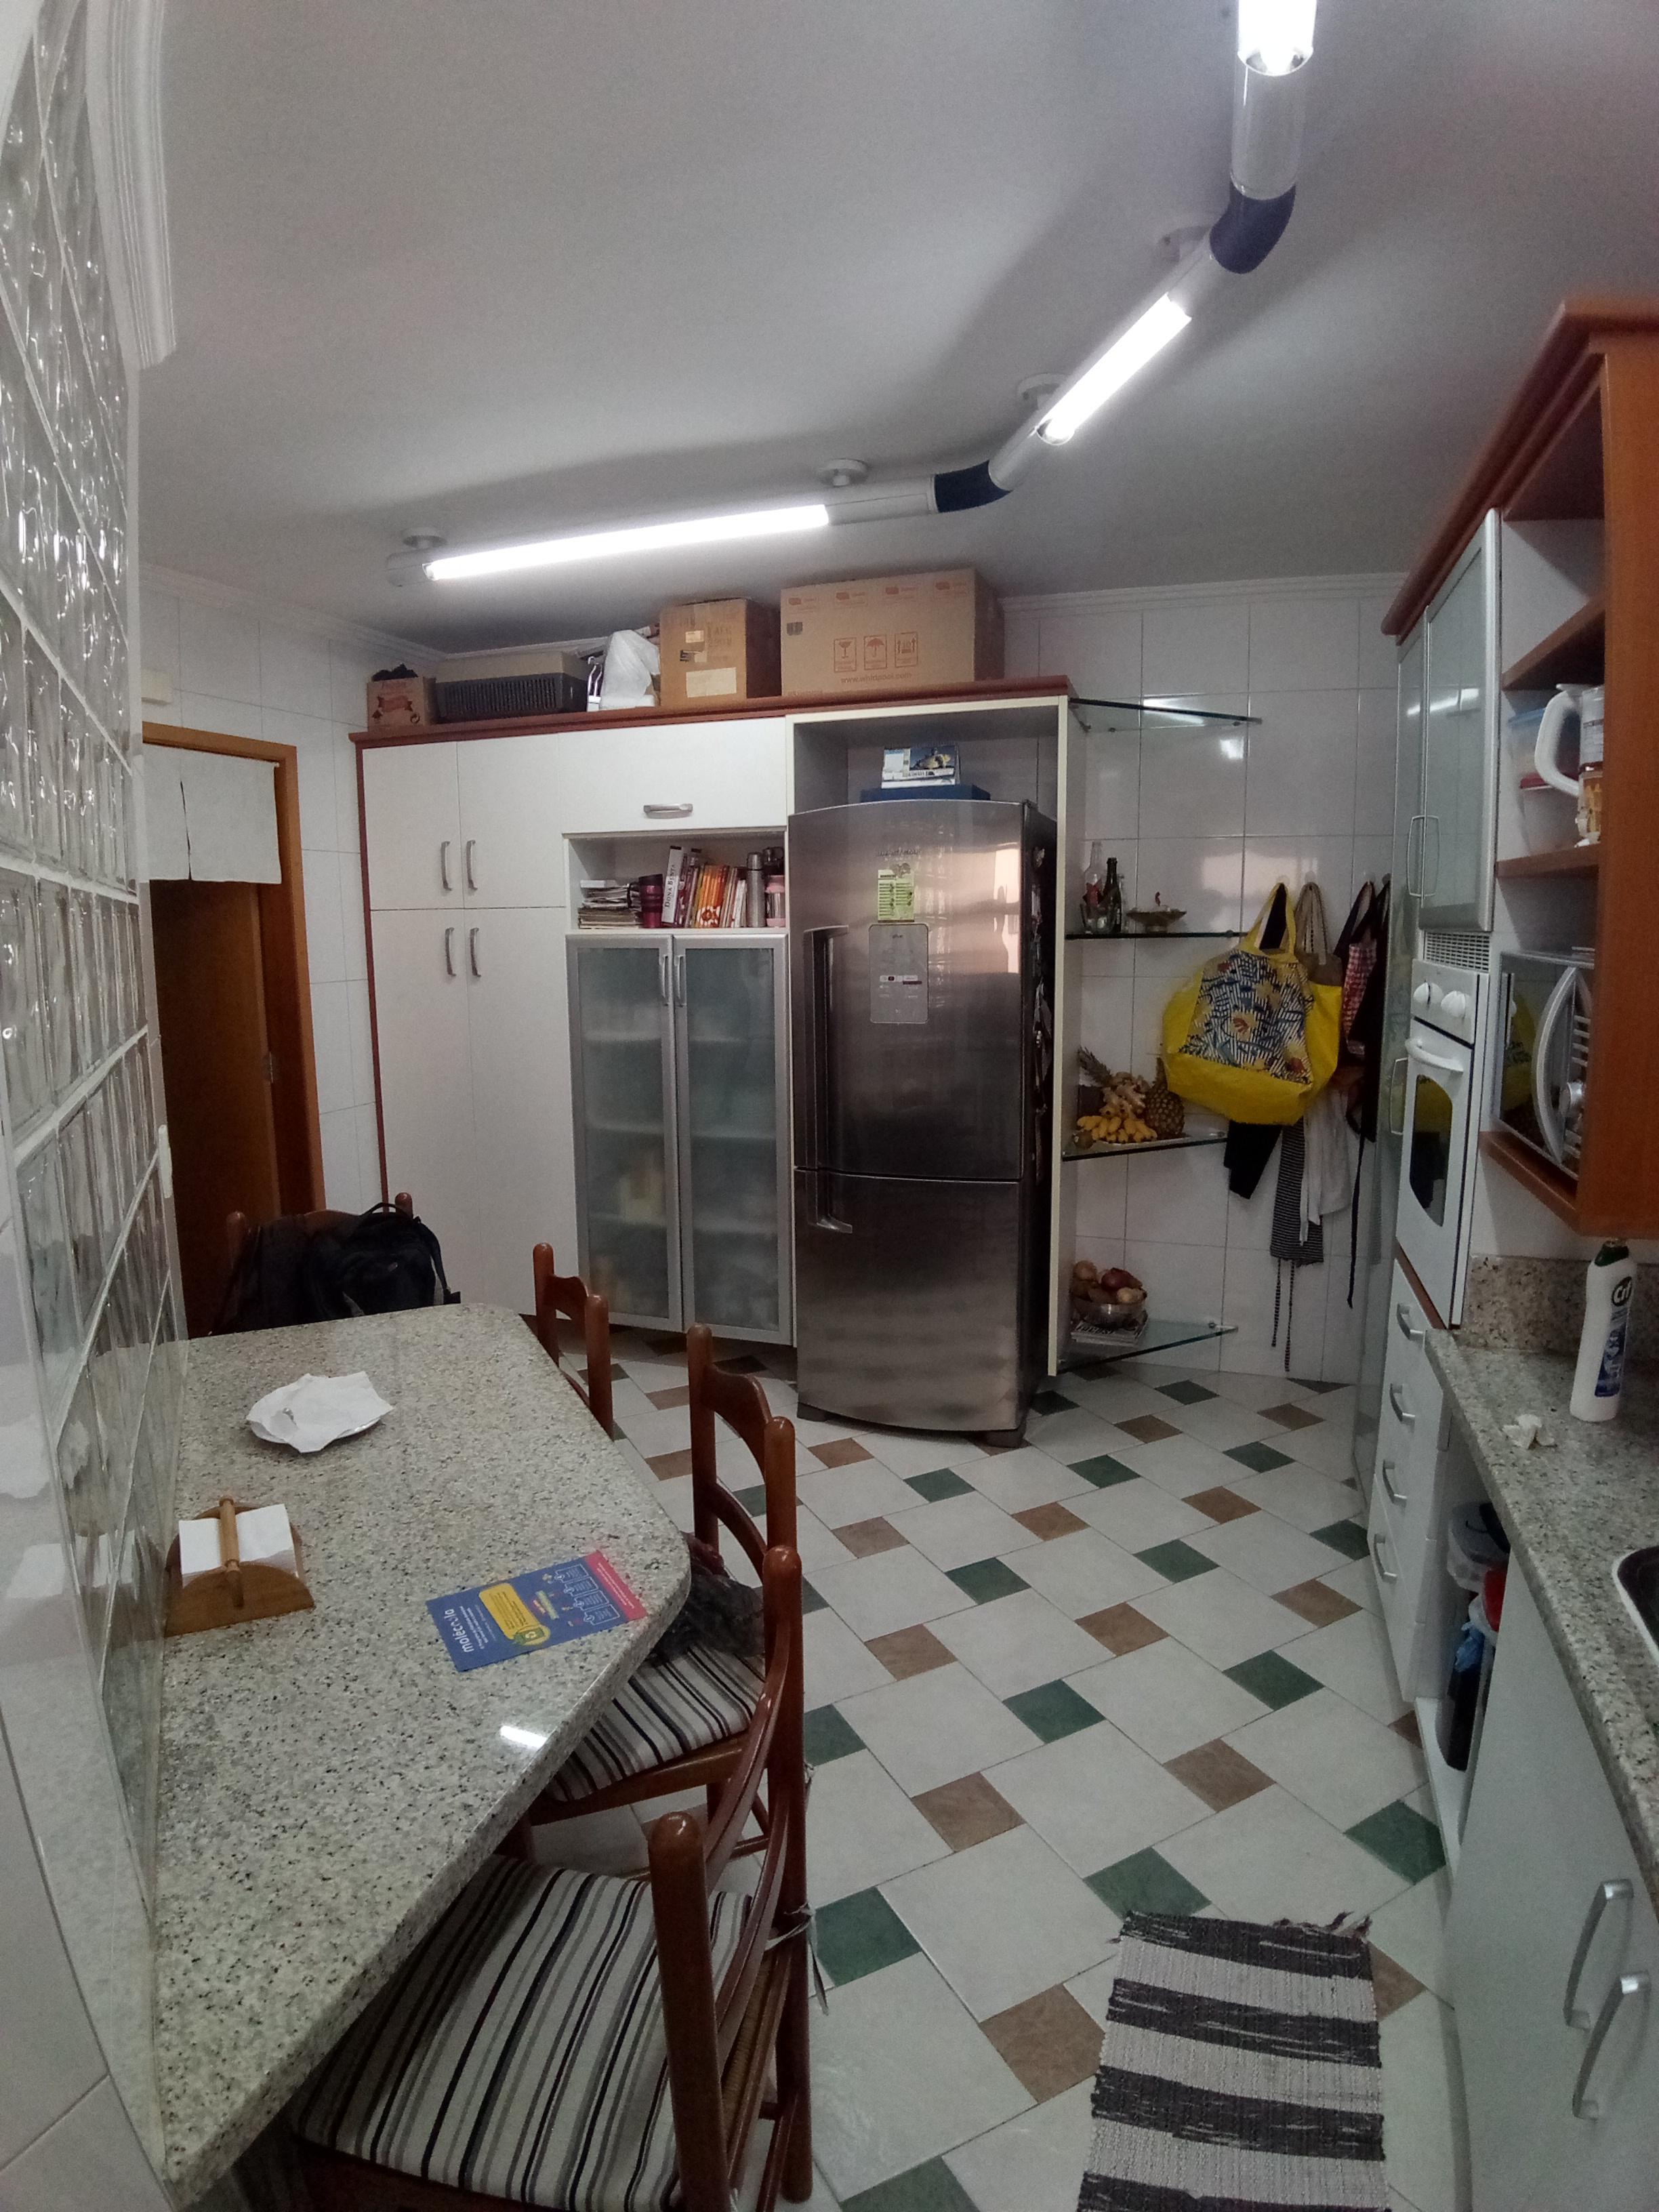 Cozinha 43 - antes da reforma